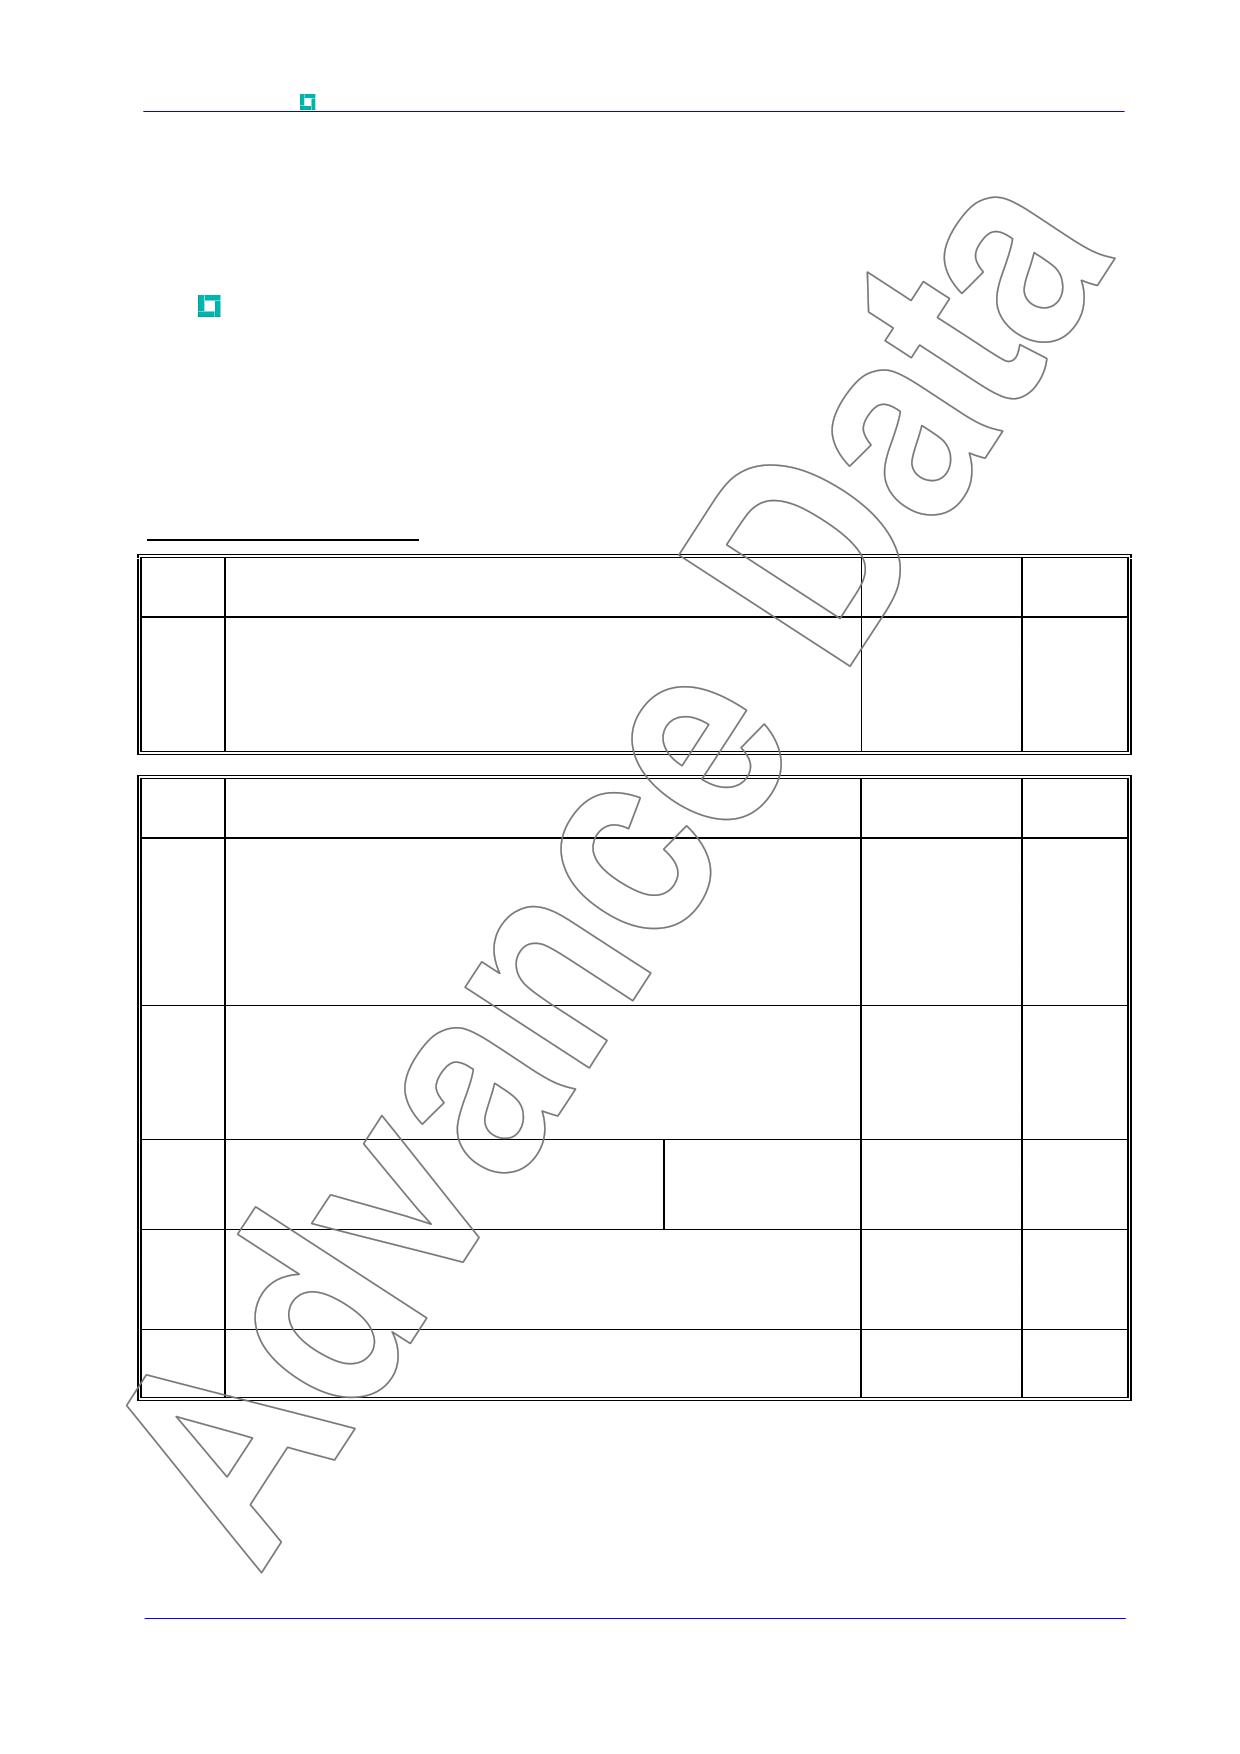 K0885NG520 datasheet